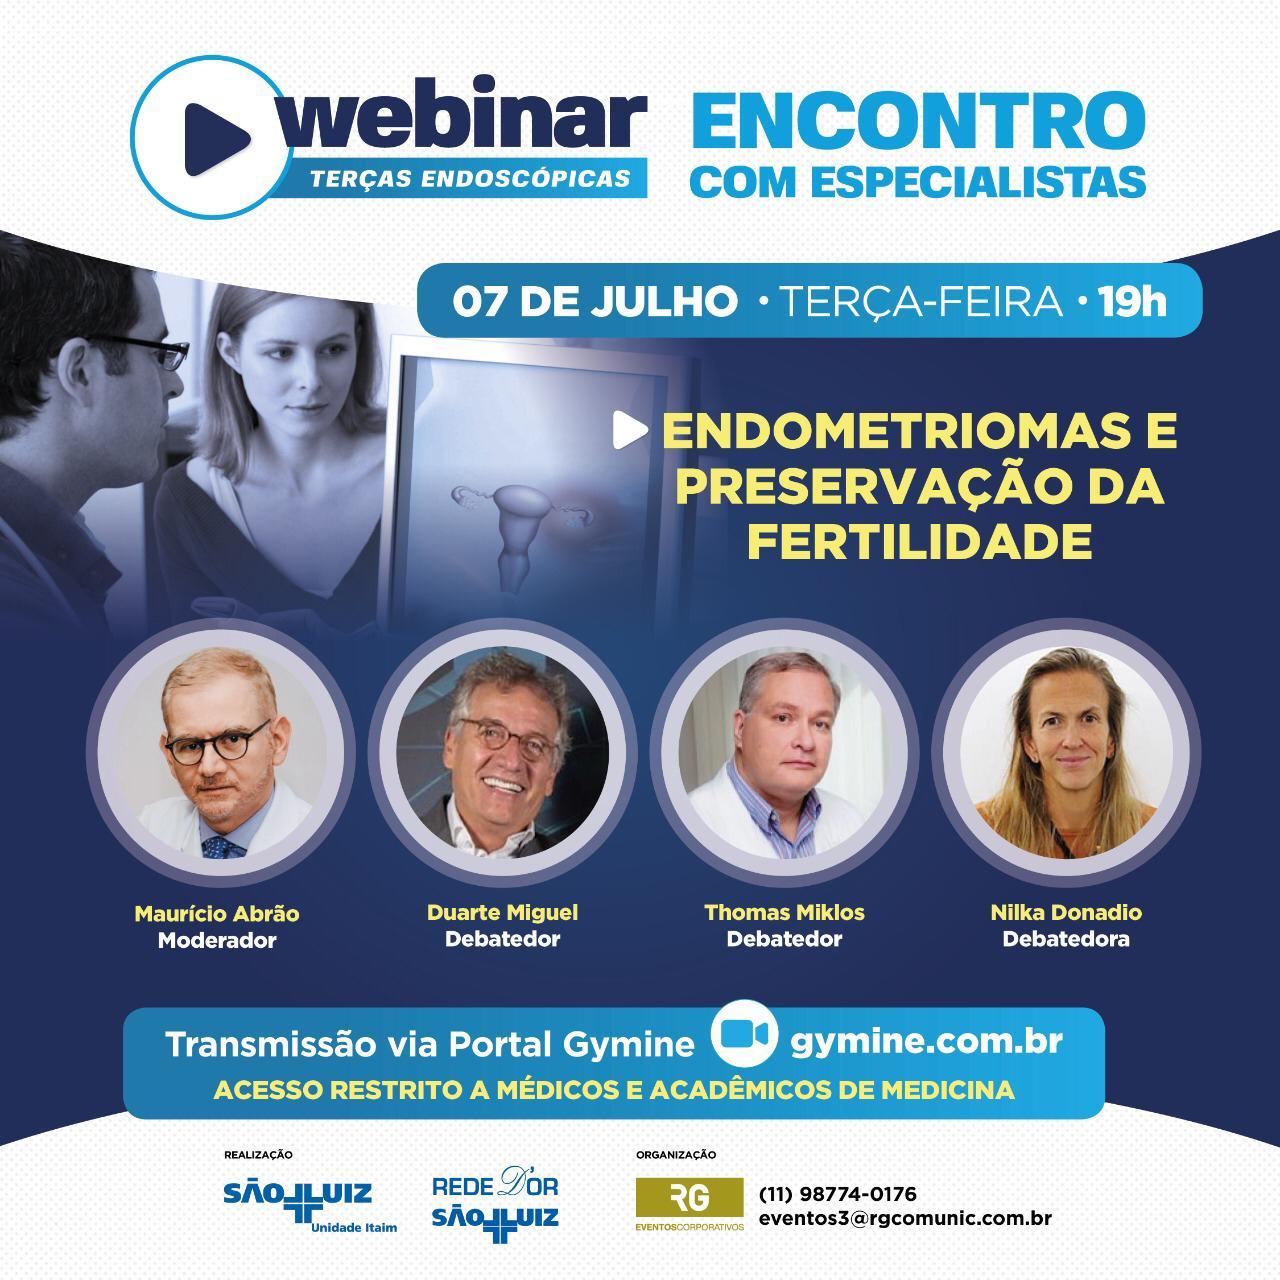 WEBINAR Endometriomas e Preservação da Fertilidade